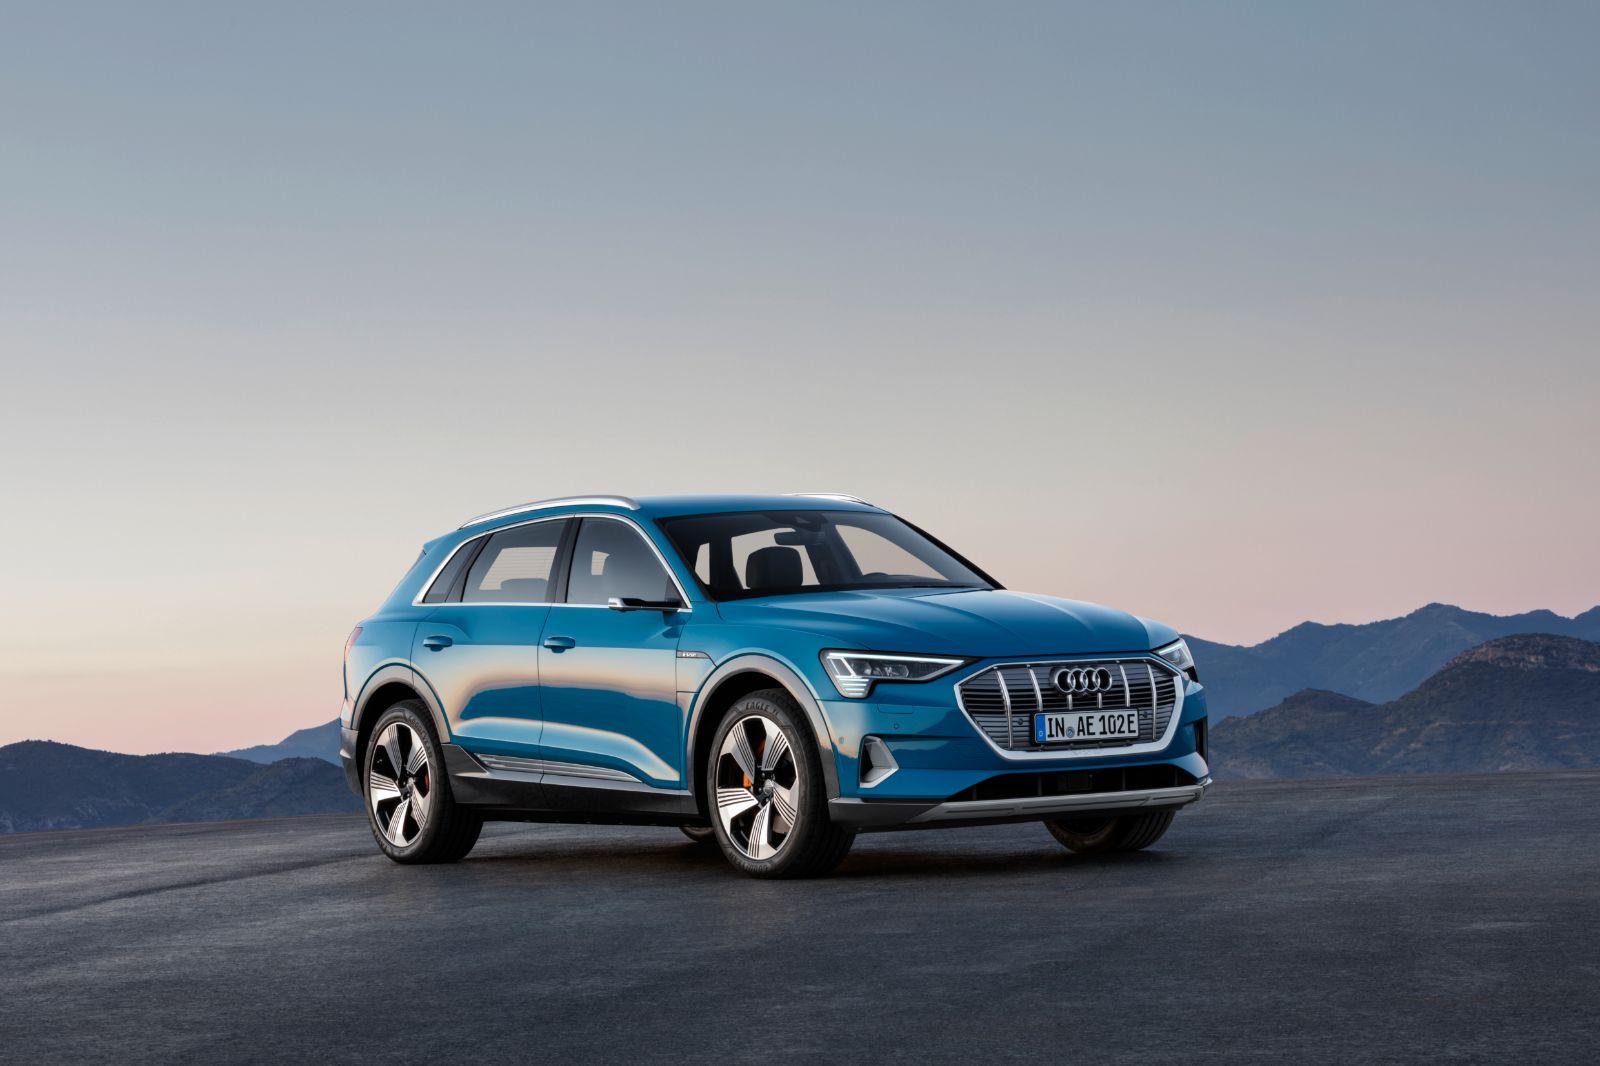 Audi, markanın ilk tam elektrikli seri üretim modeli olan e-tron'u tanıttı. Audi e-tron, sadece 30 dakika şarjla yola çıkmaya hazır olurken, lityum iyon pilleri tam şarj ile 400 kilometre bir menzil sunuyor.